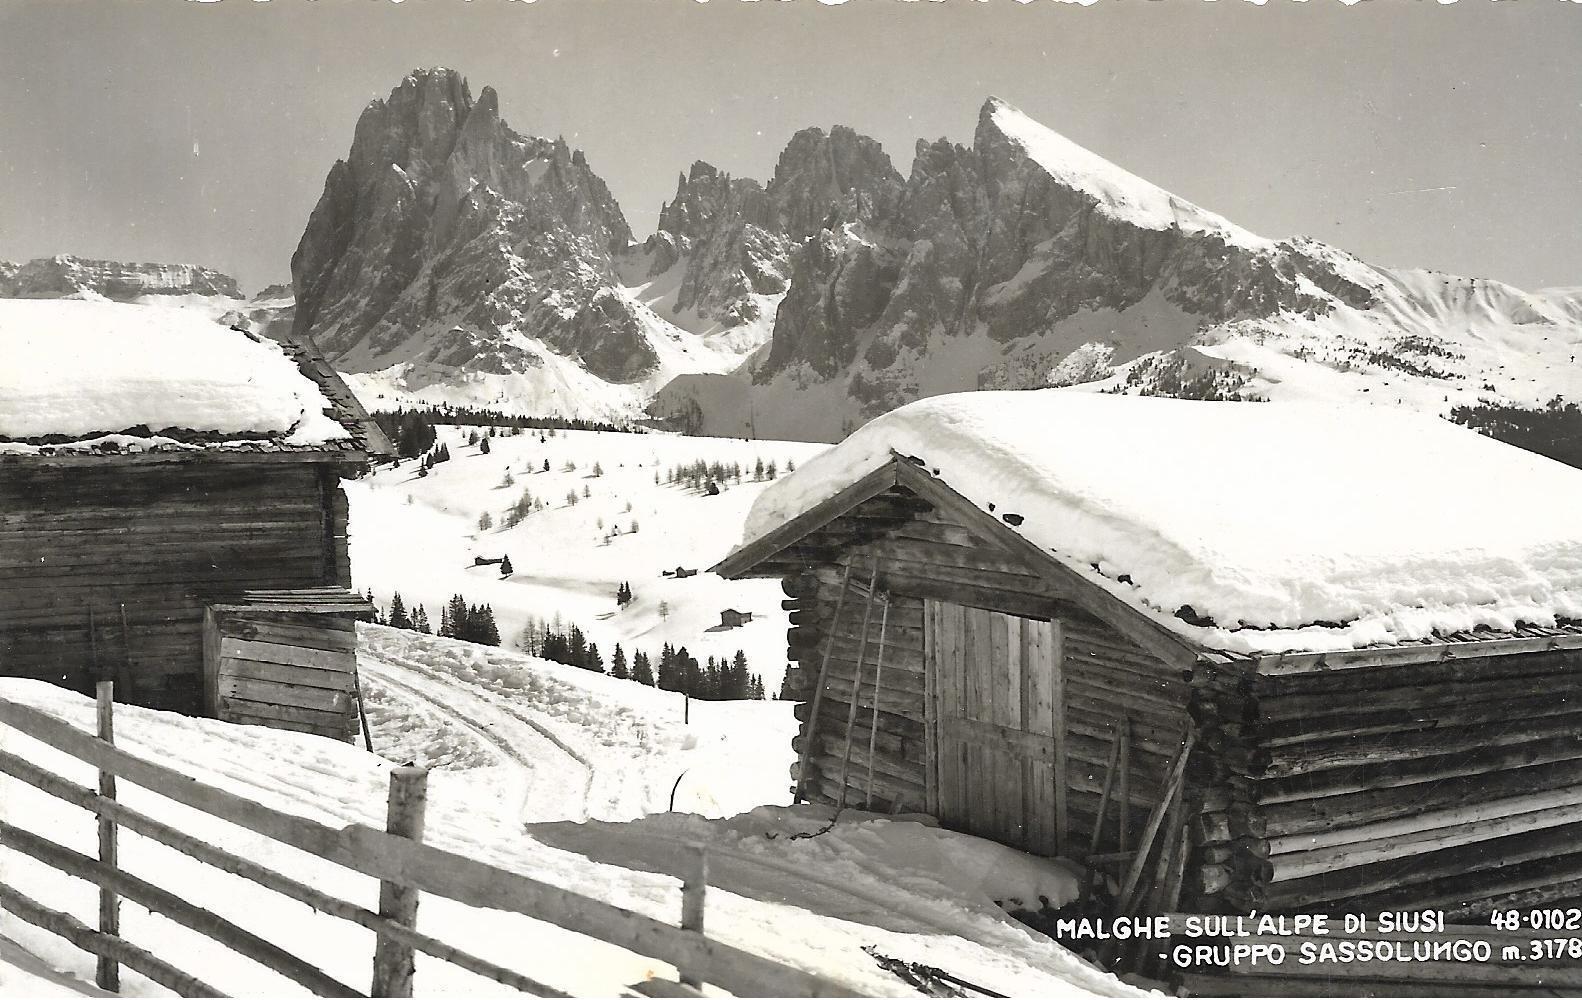 Malghe sull'Alpe di Siusi (Bolzano) f.p.